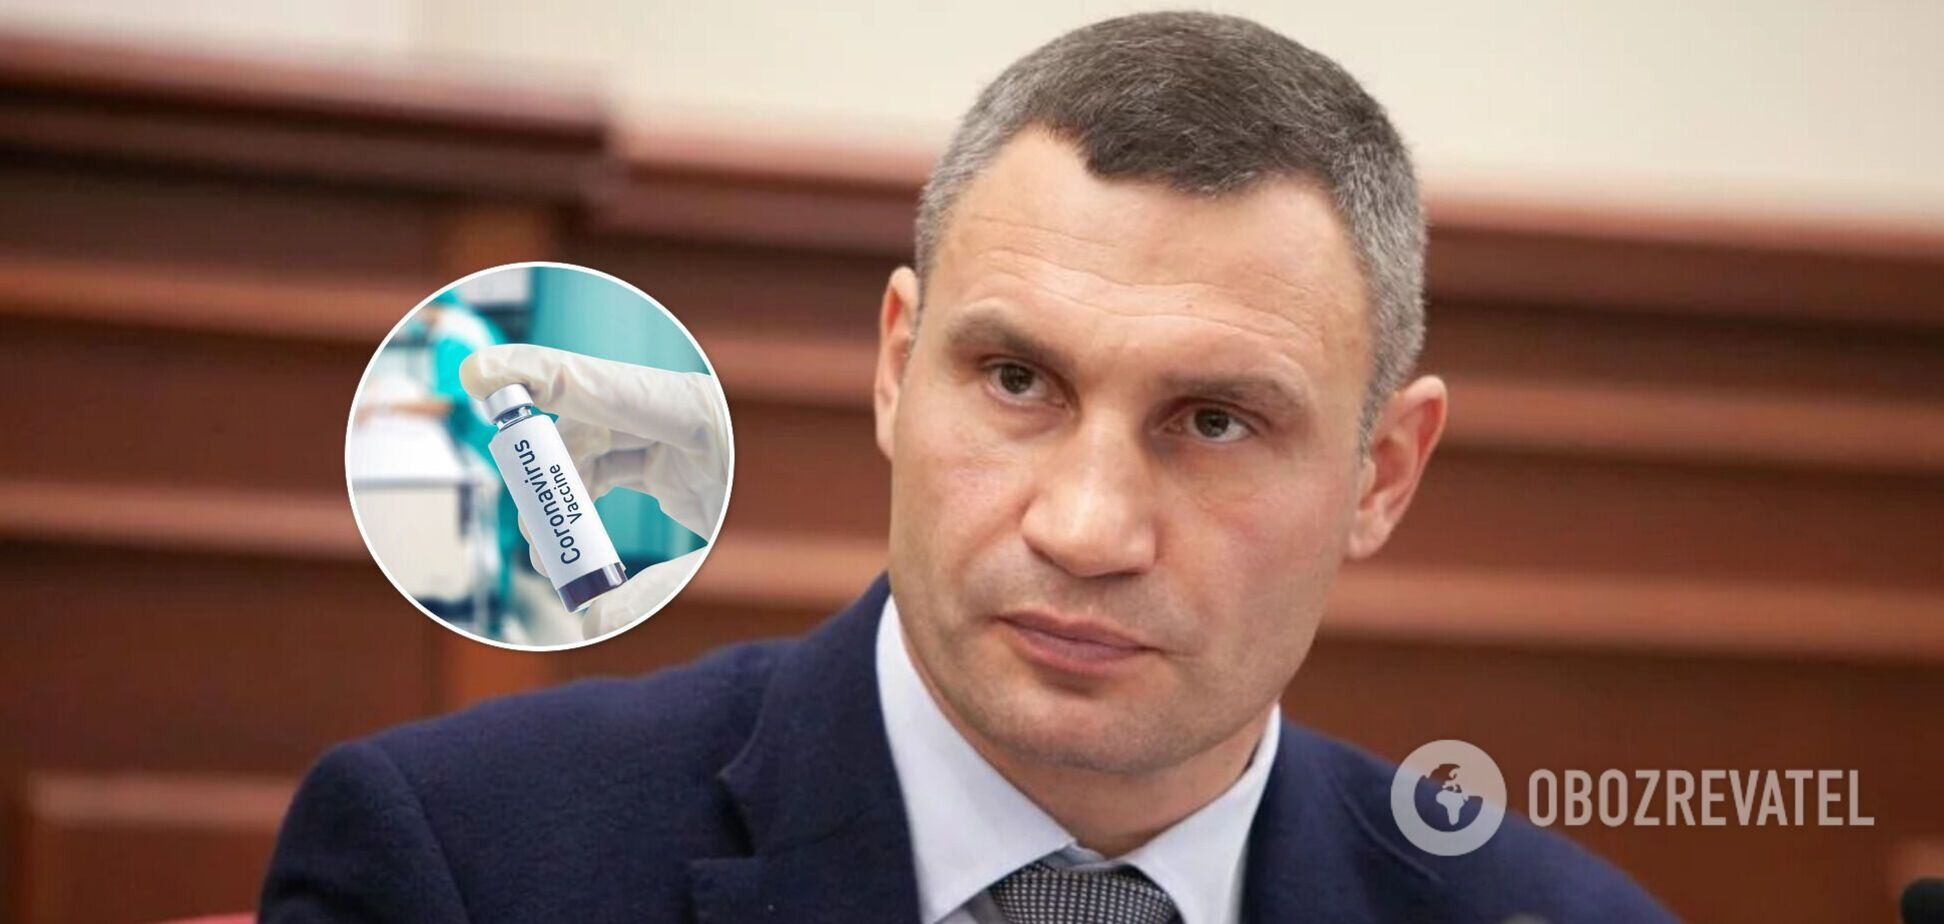 Киев может получить миллион доз вакцины от СOVID-19: Кличко призвал депутатов выделить средства